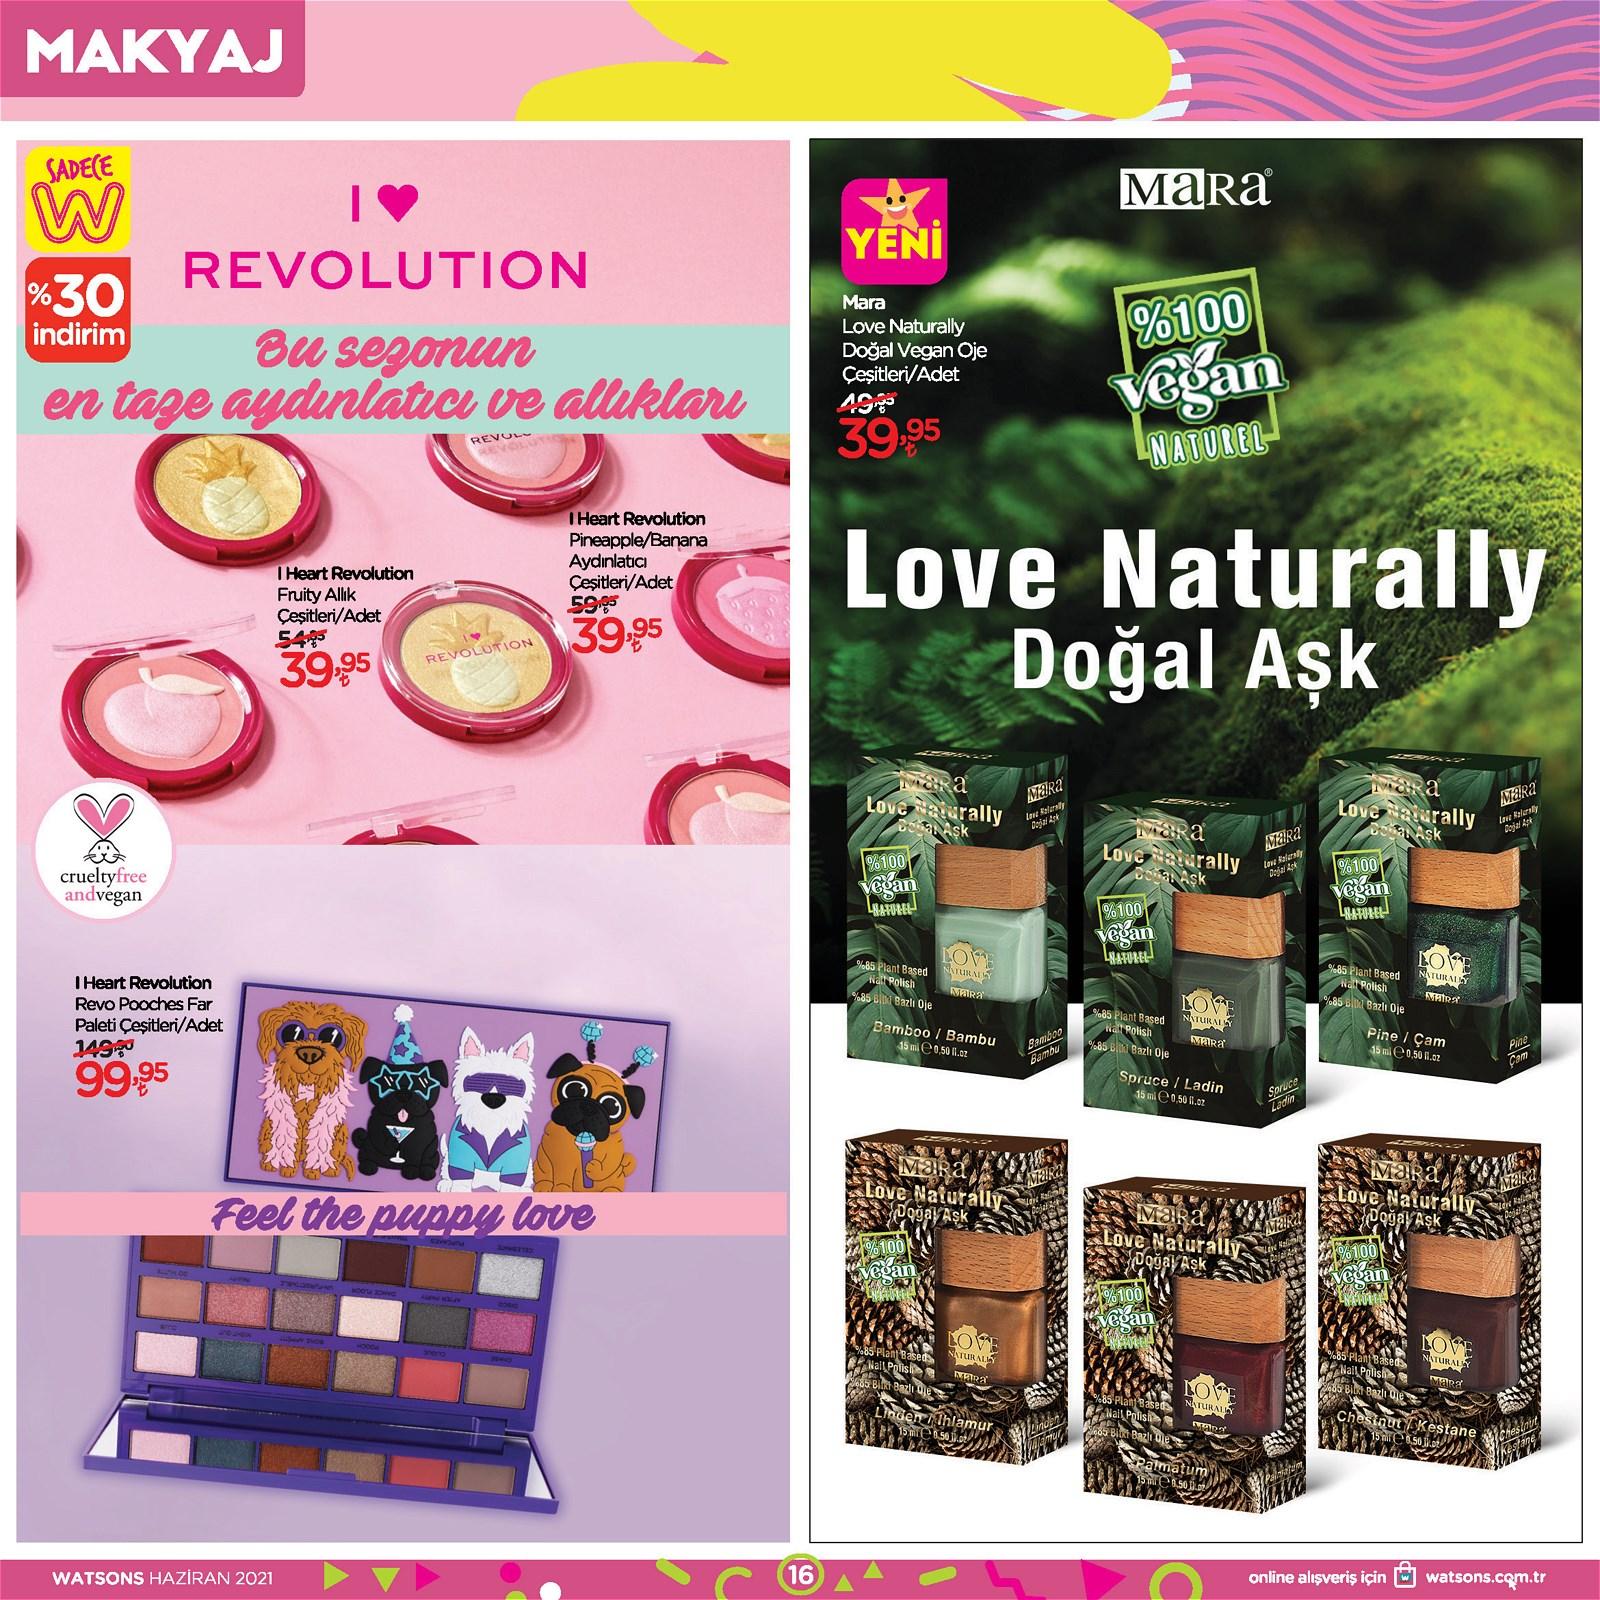 07.06.2021 Watsons broşürü 18. sayfa